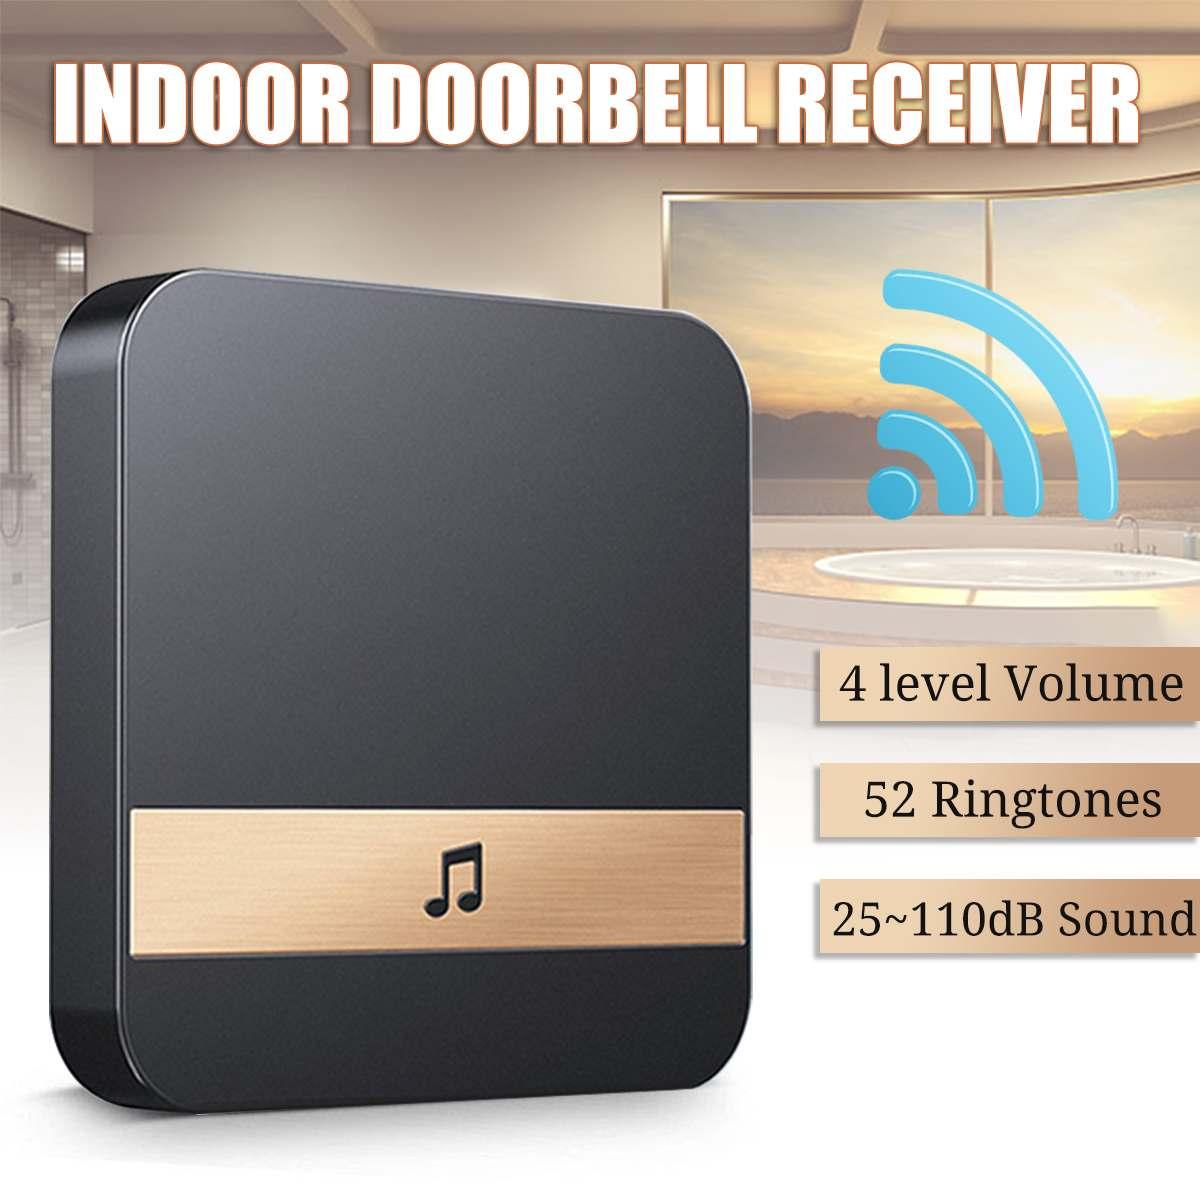 433MHz Wireless Wifi Smart Video Doorbell Chime Music Receiver Home Security Indoor Intercom Door Bell Receiver 25-110dB